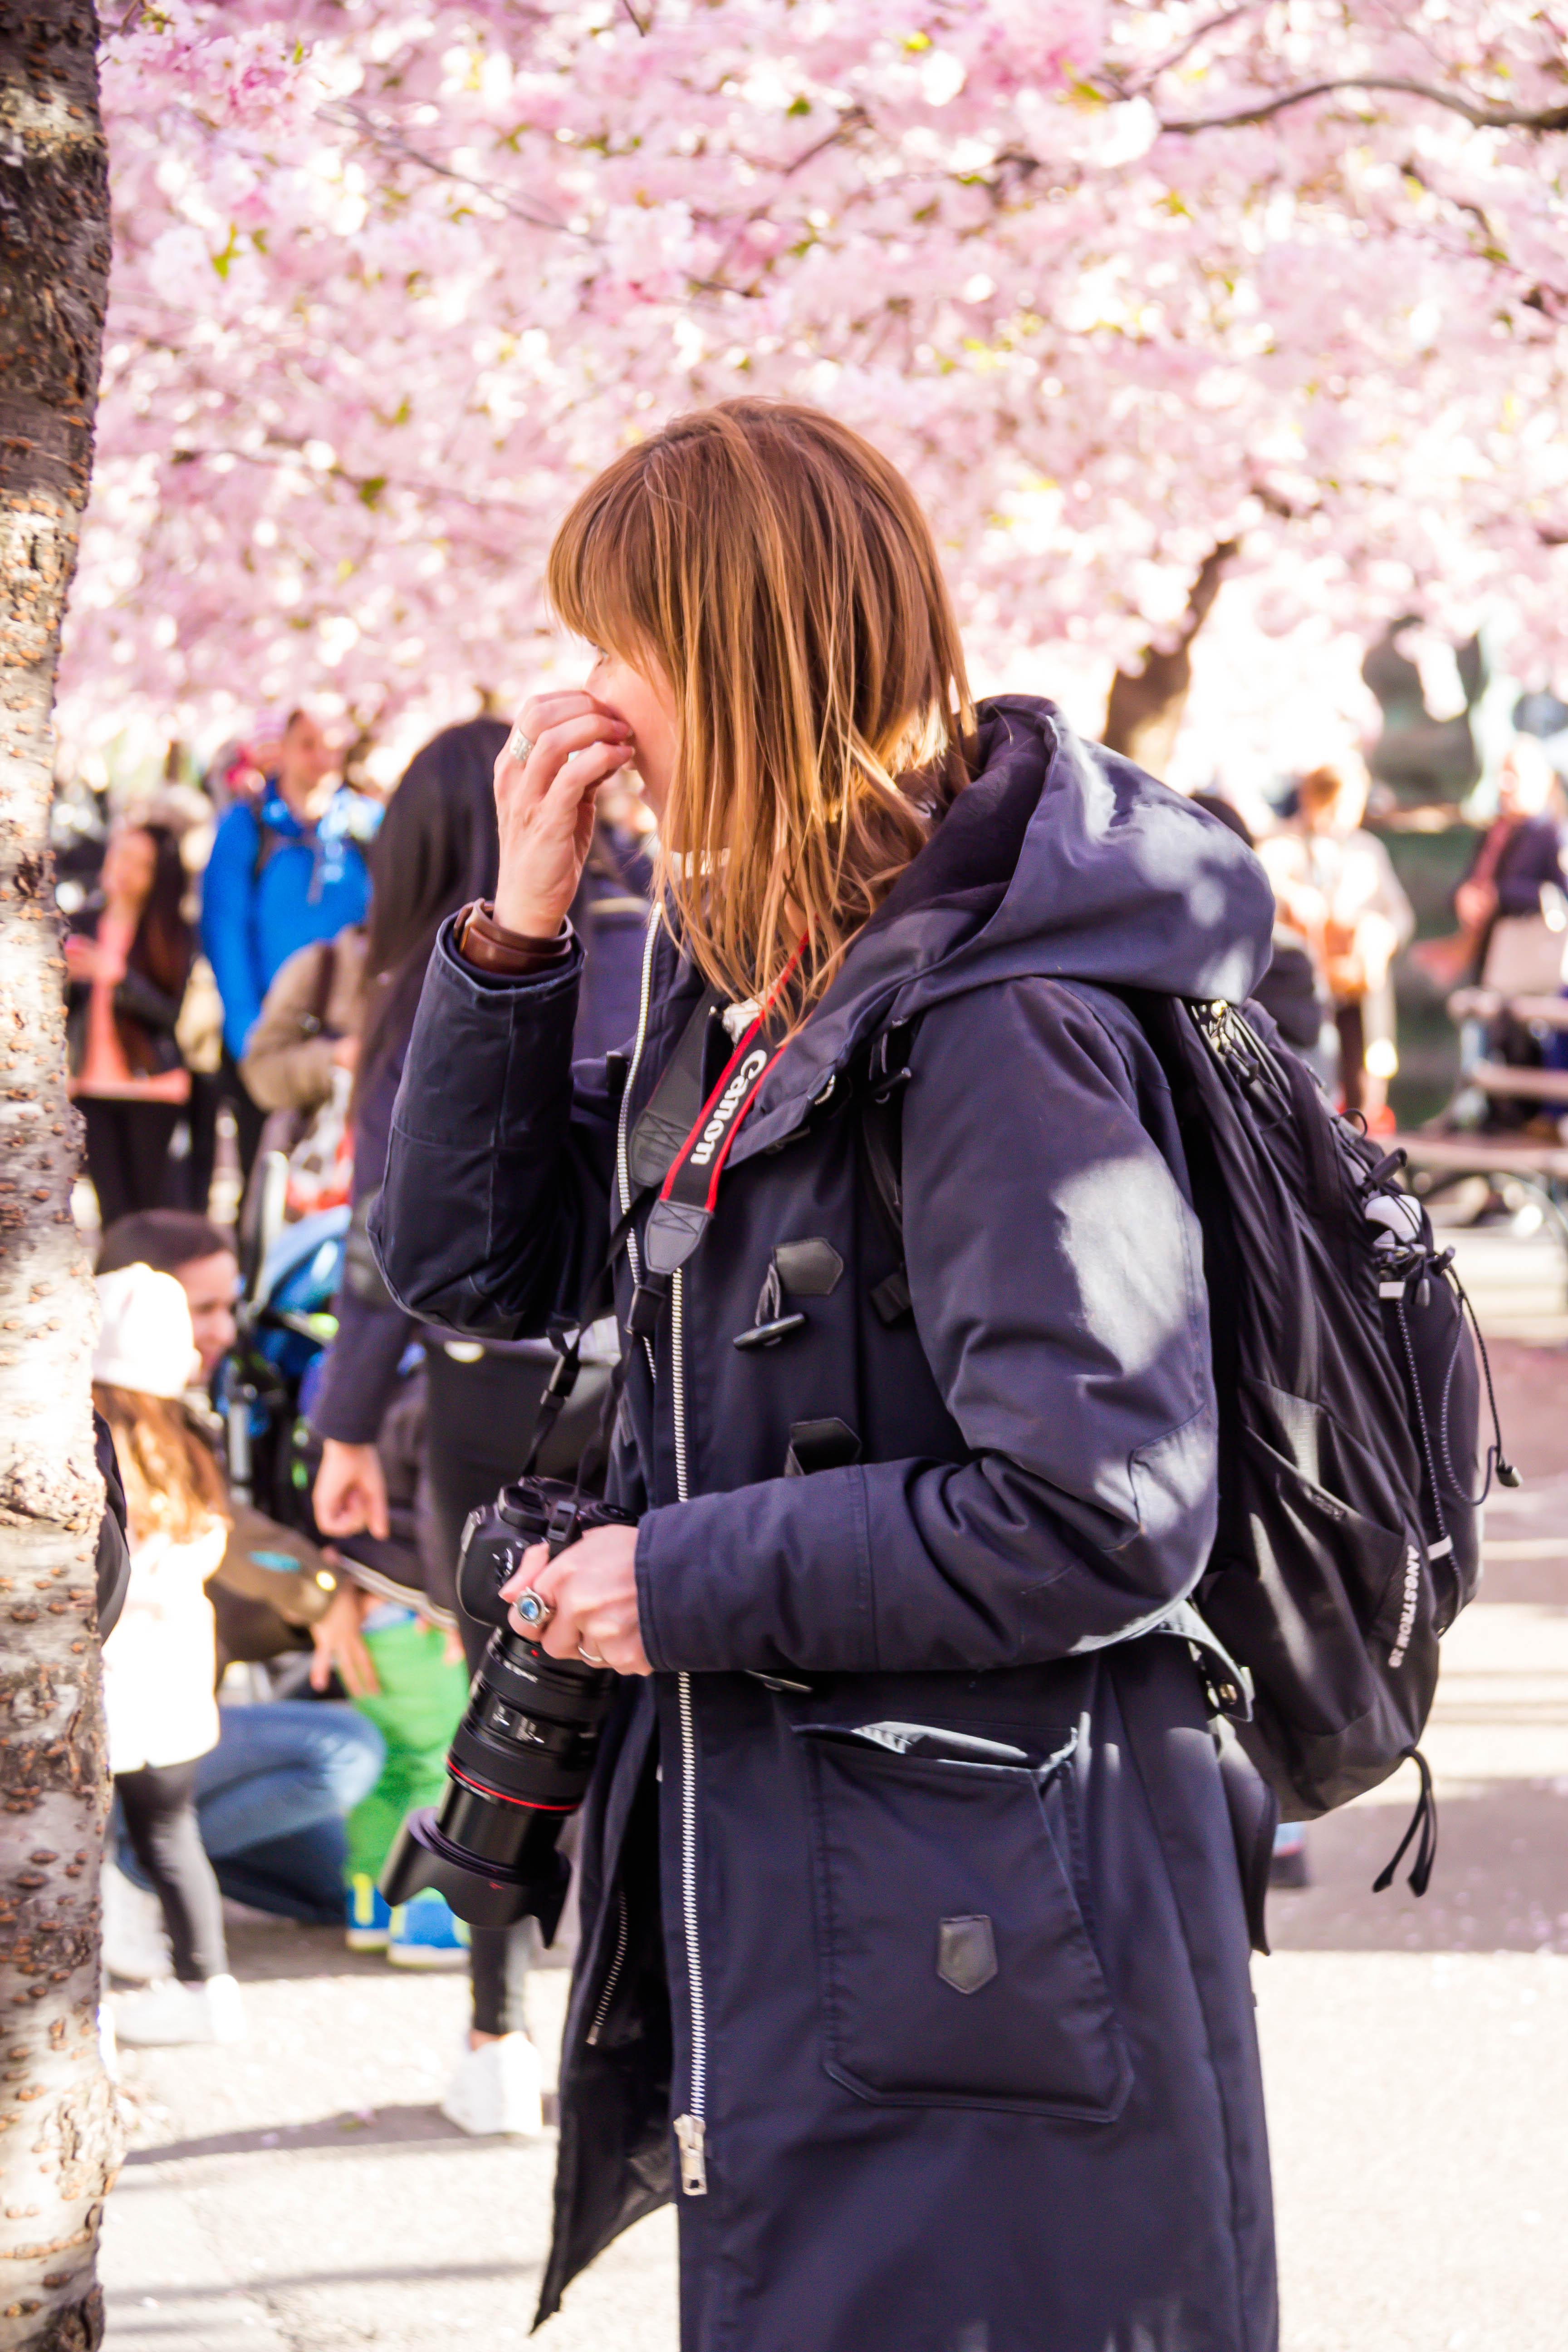 Fondos de pantalla : gente, vestir, Moda, Estocolmo, primavera, flor ...